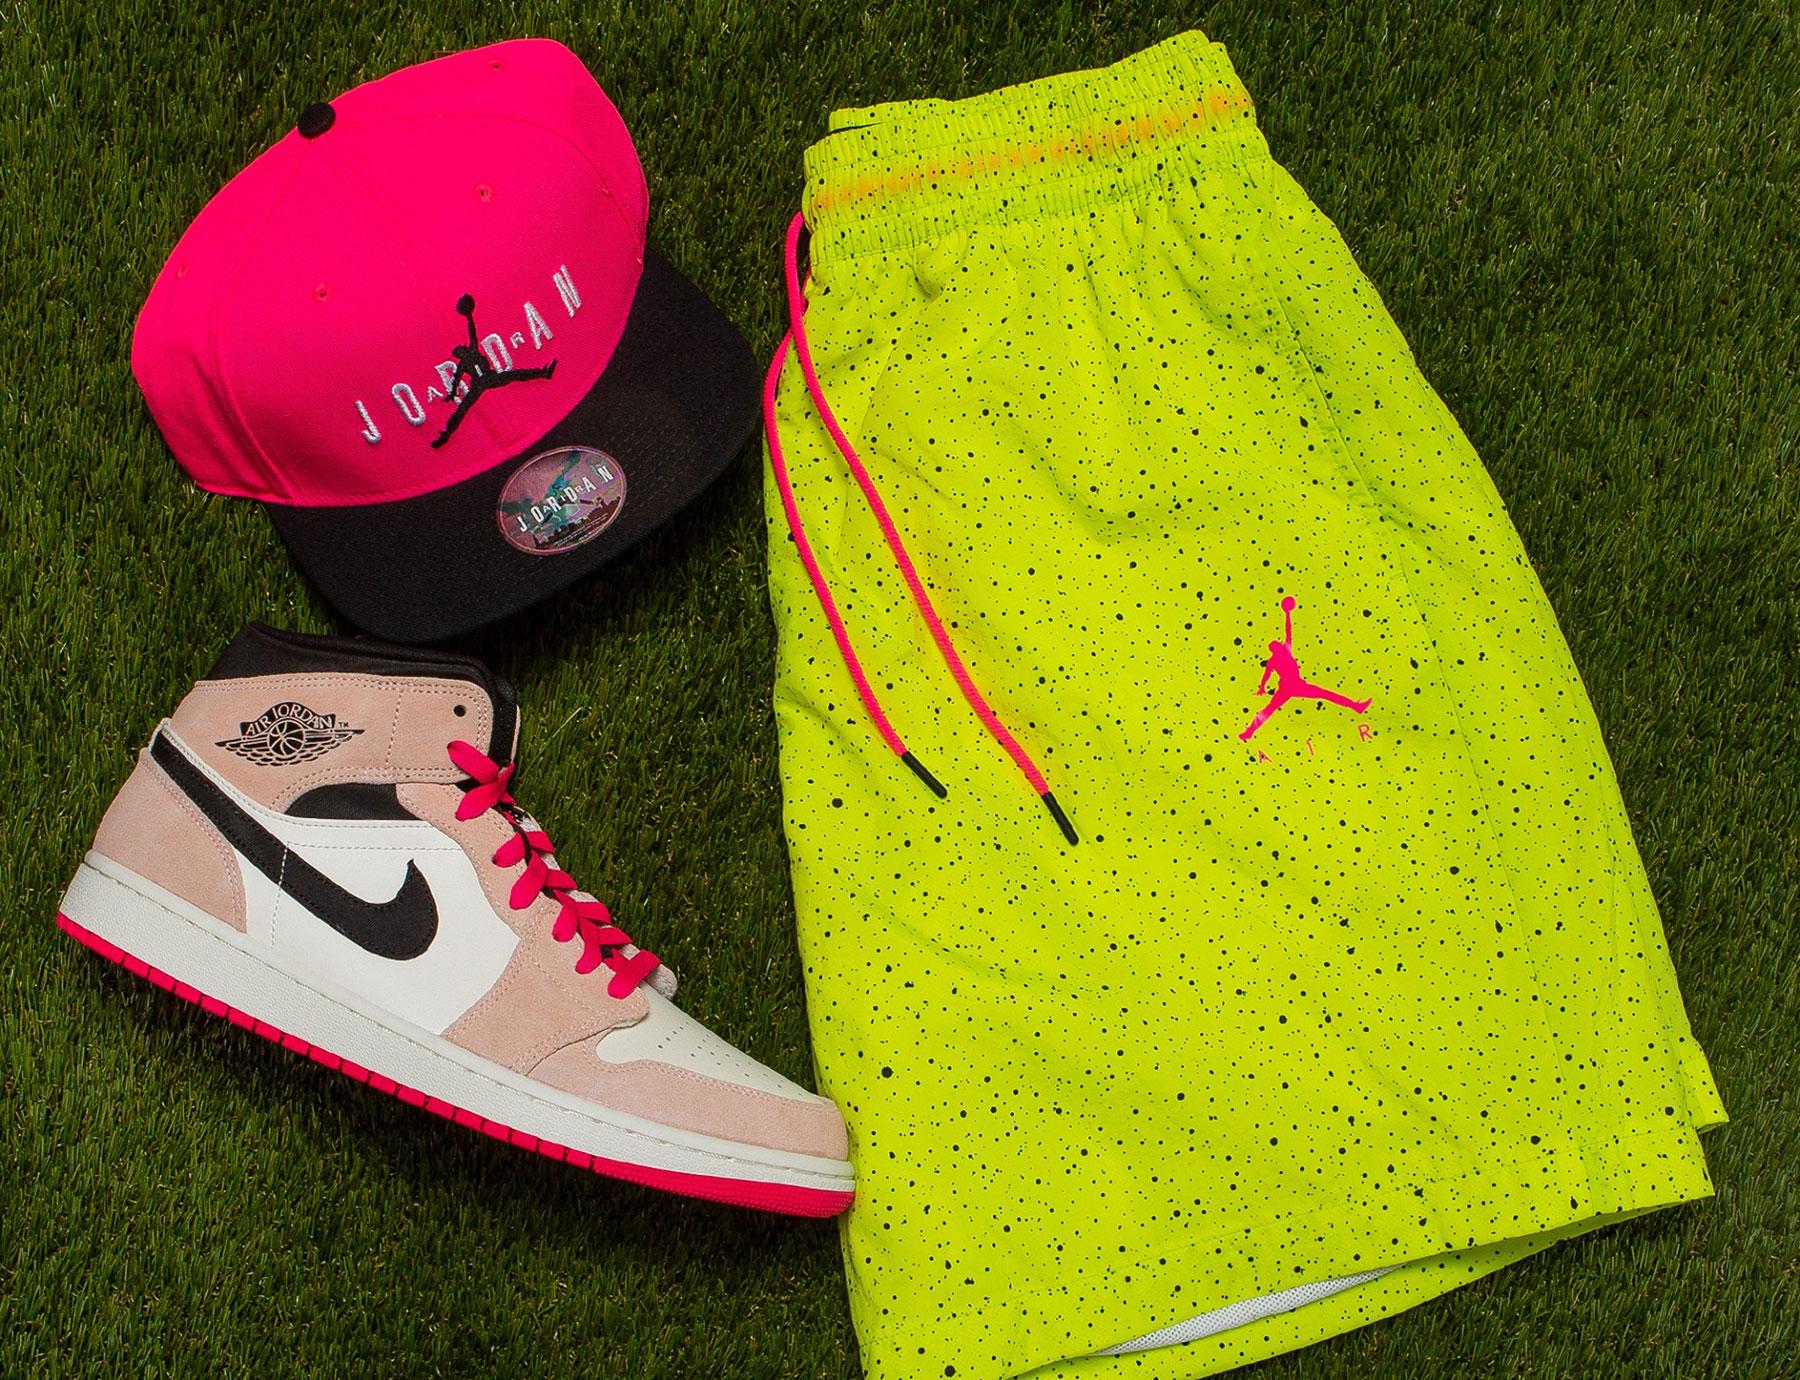 jordan-poolside-shorts-hat-sneaker-match